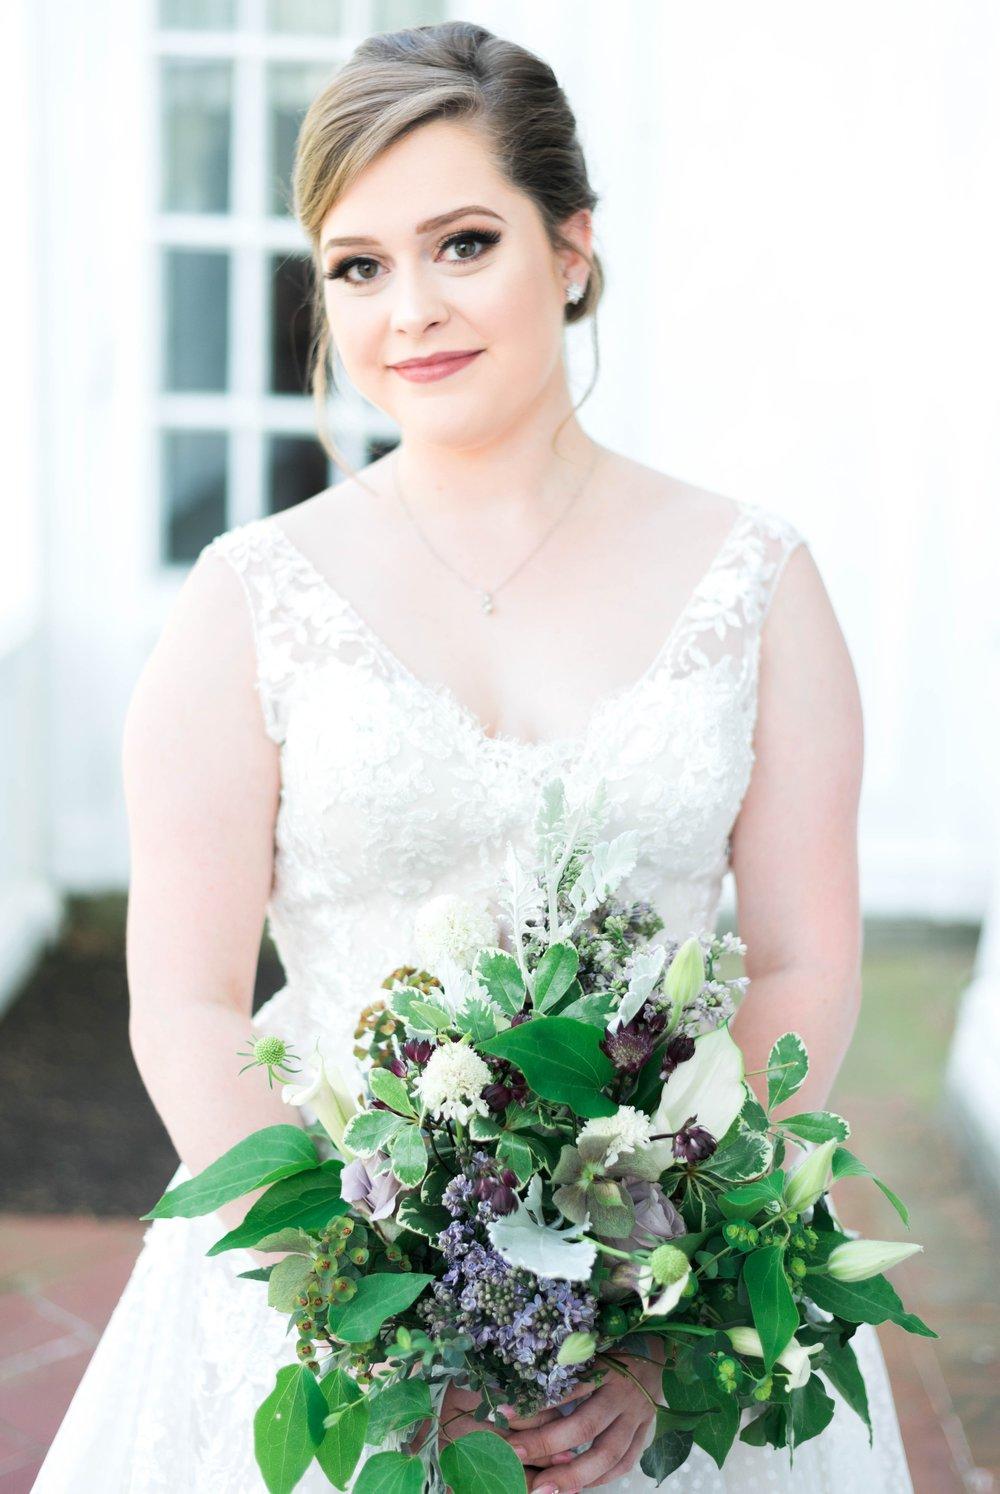 Jillian+Abi_OakridgeEstate_Wedding_VirginiaWeddingPhotographer_SpringWedding 26.jpg